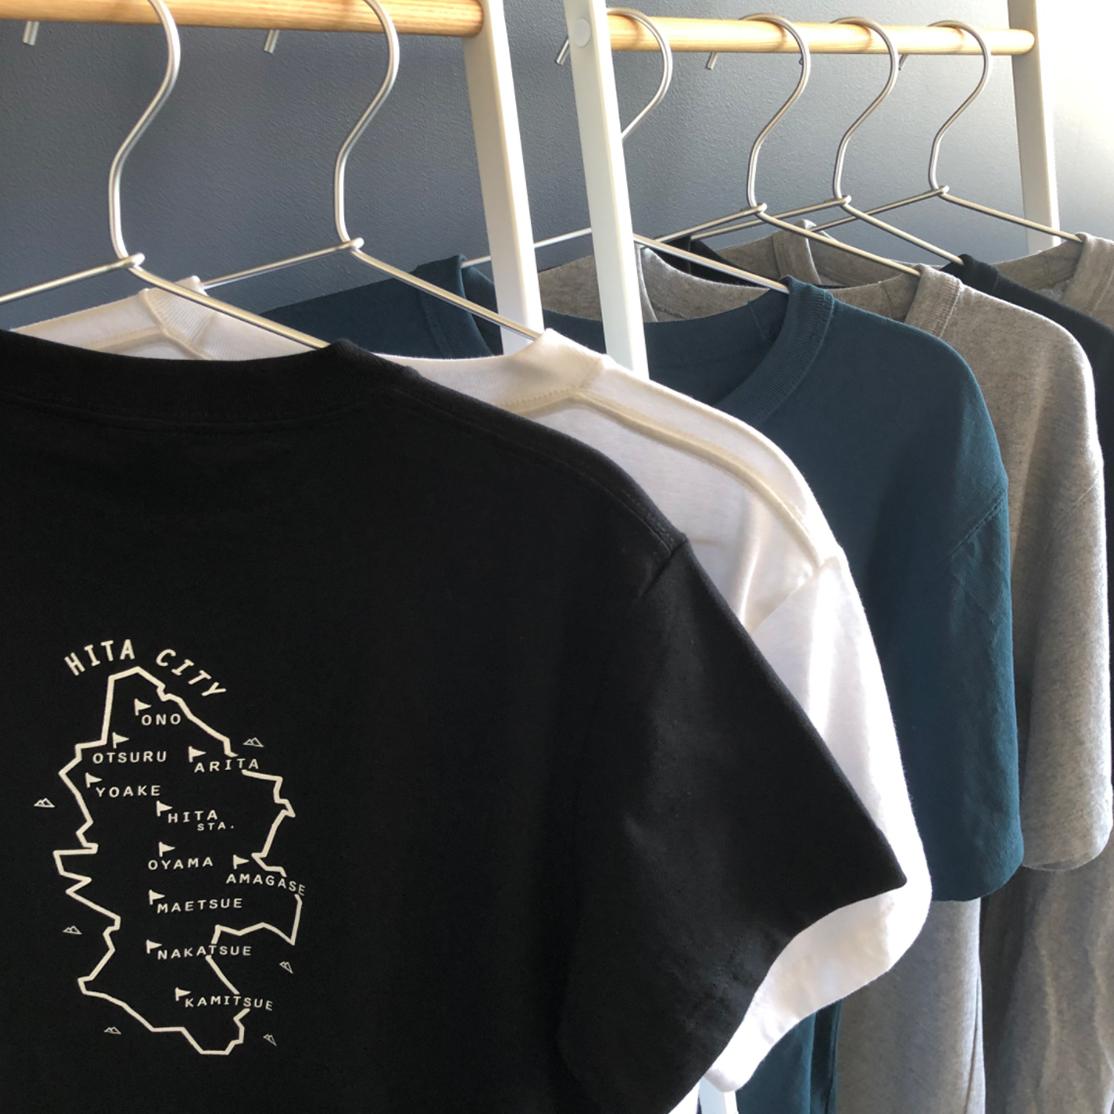 HITAMAP Tシャツ¥ 2,300